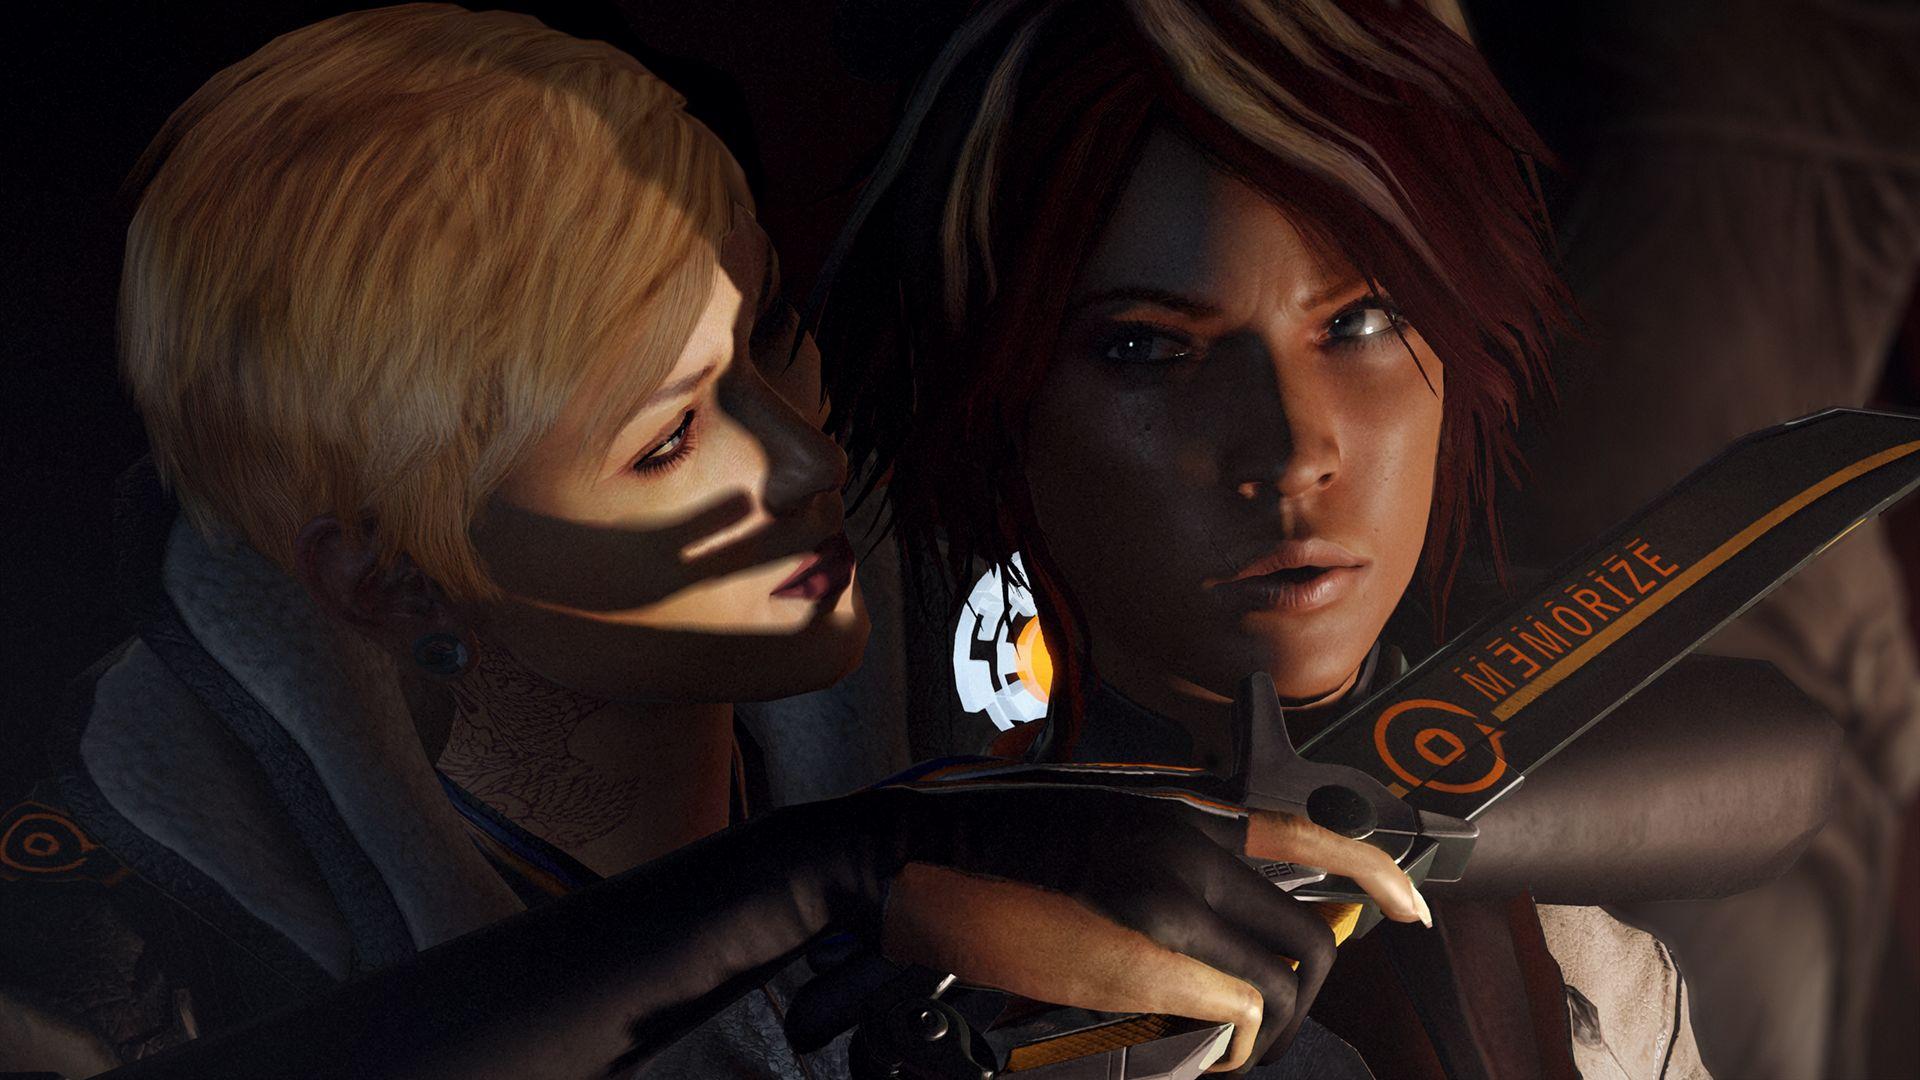 Текущий показываемый скриншот из игры strong em Remember Me/em/strong под.